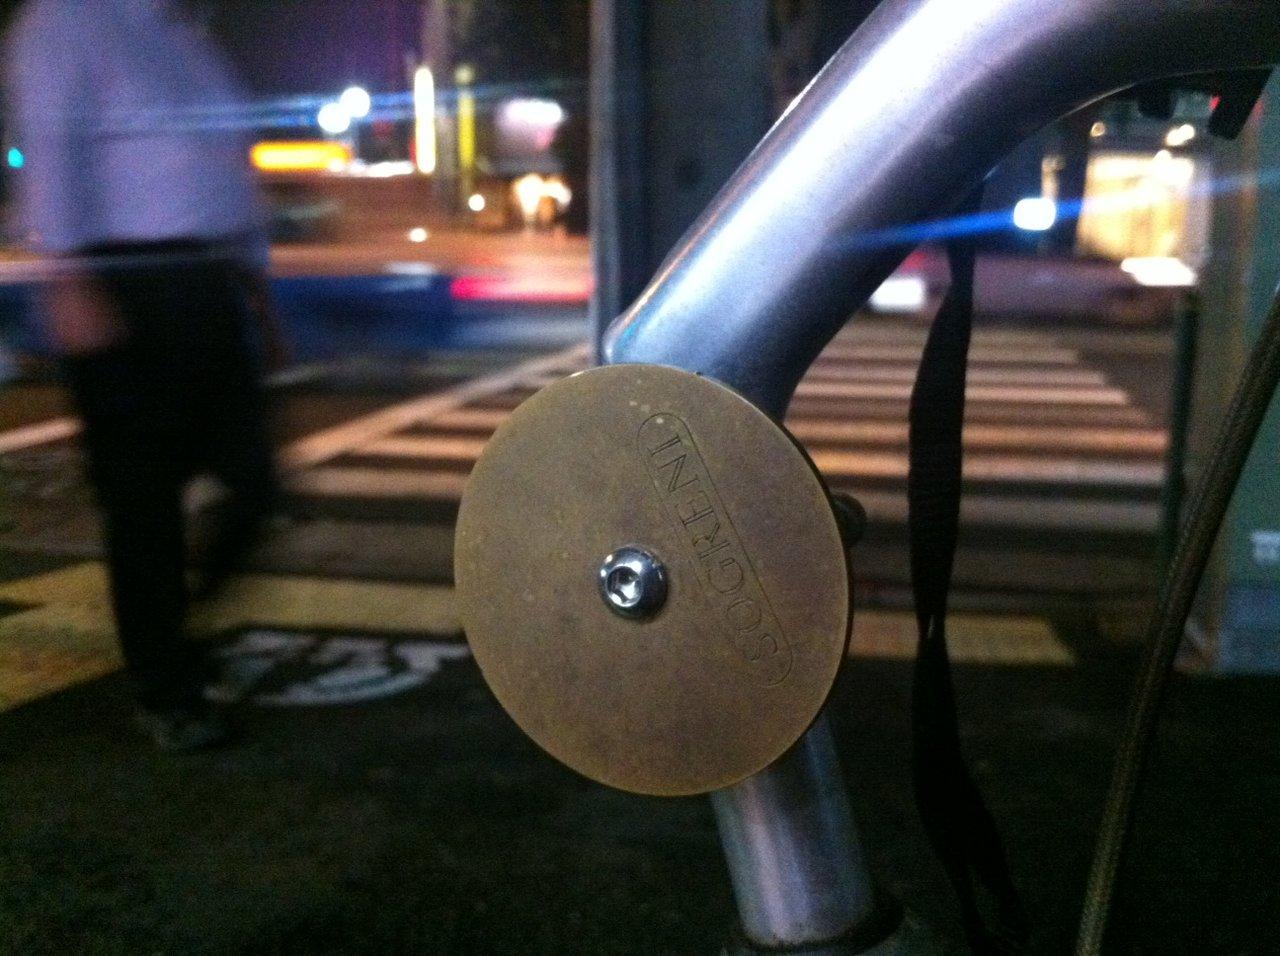 自転車屋 自転車屋さん ベル : よく見たら「SOGRENI」の文字が